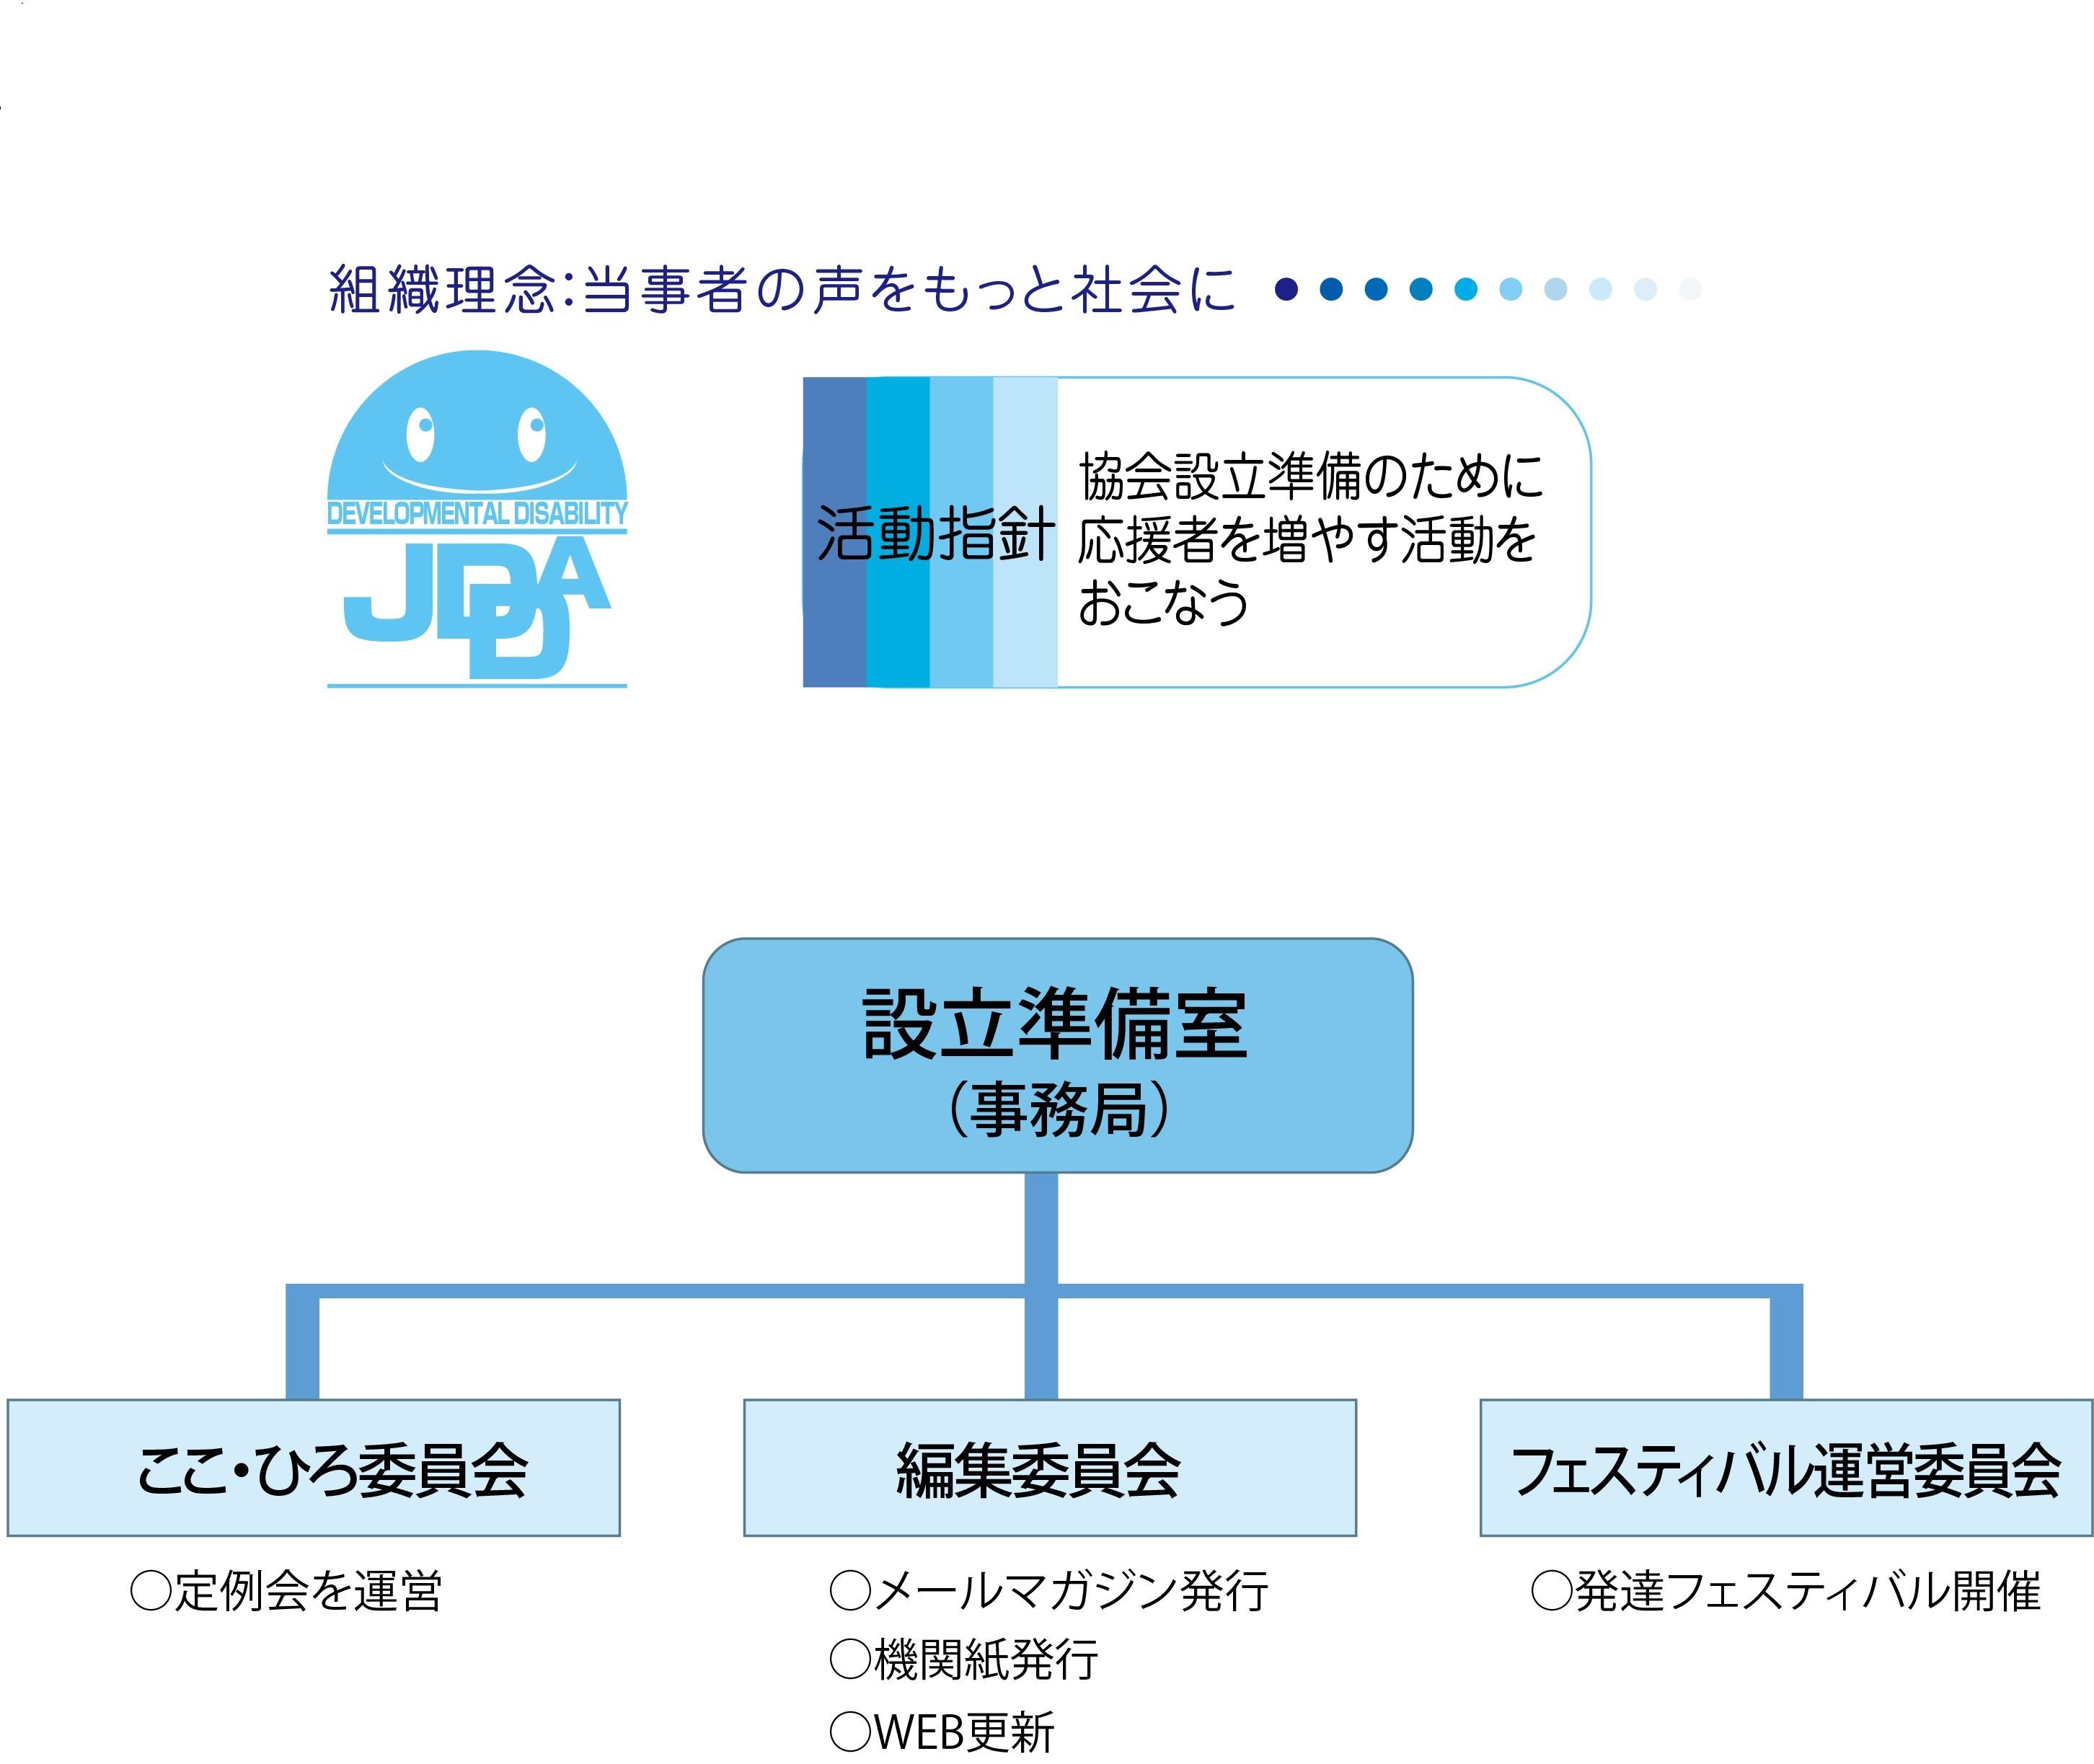 0416団体情報_ページ-05_20150622